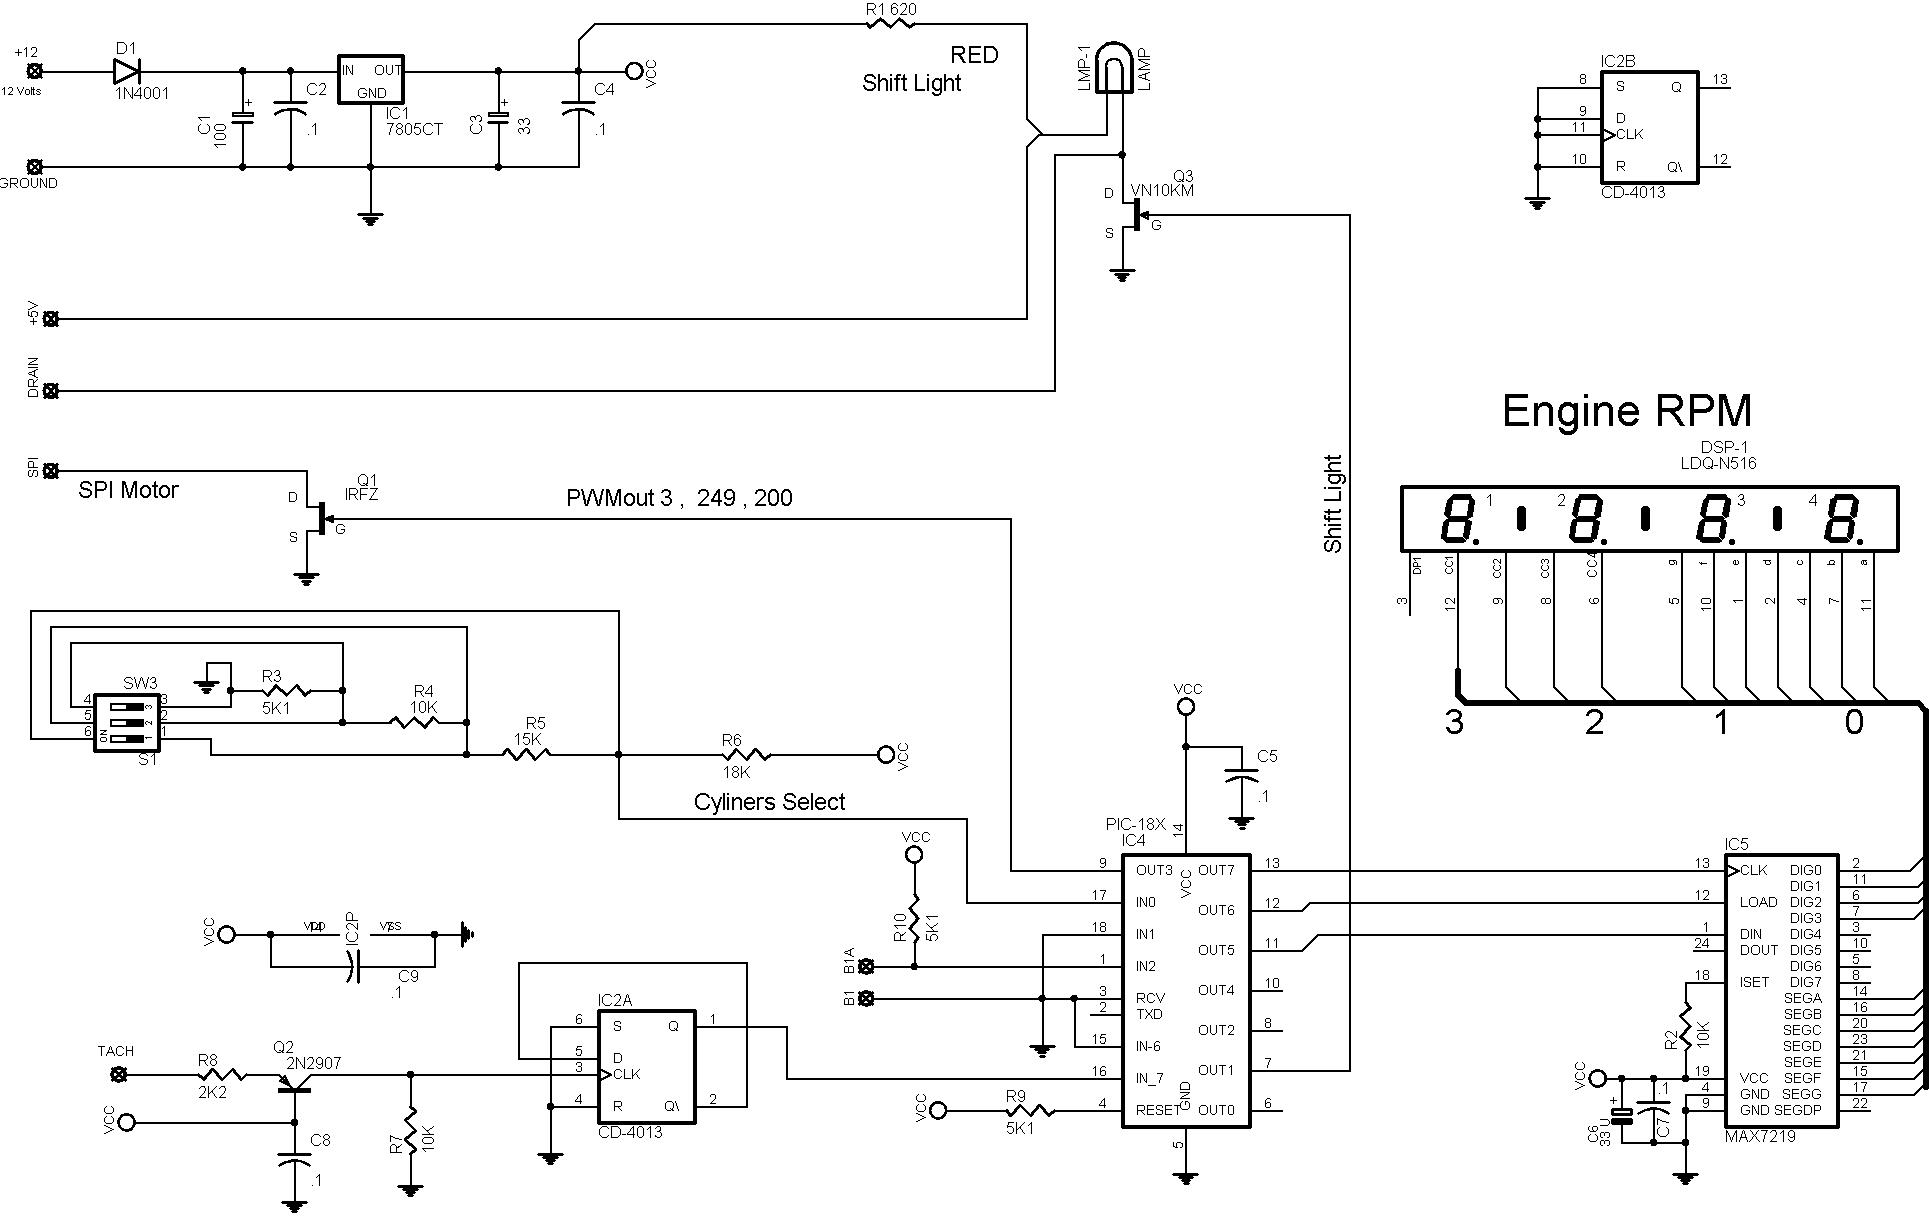 sun super tach ii wiring diagram wiring diagram and hernes wiring diagram for sun super tach two the